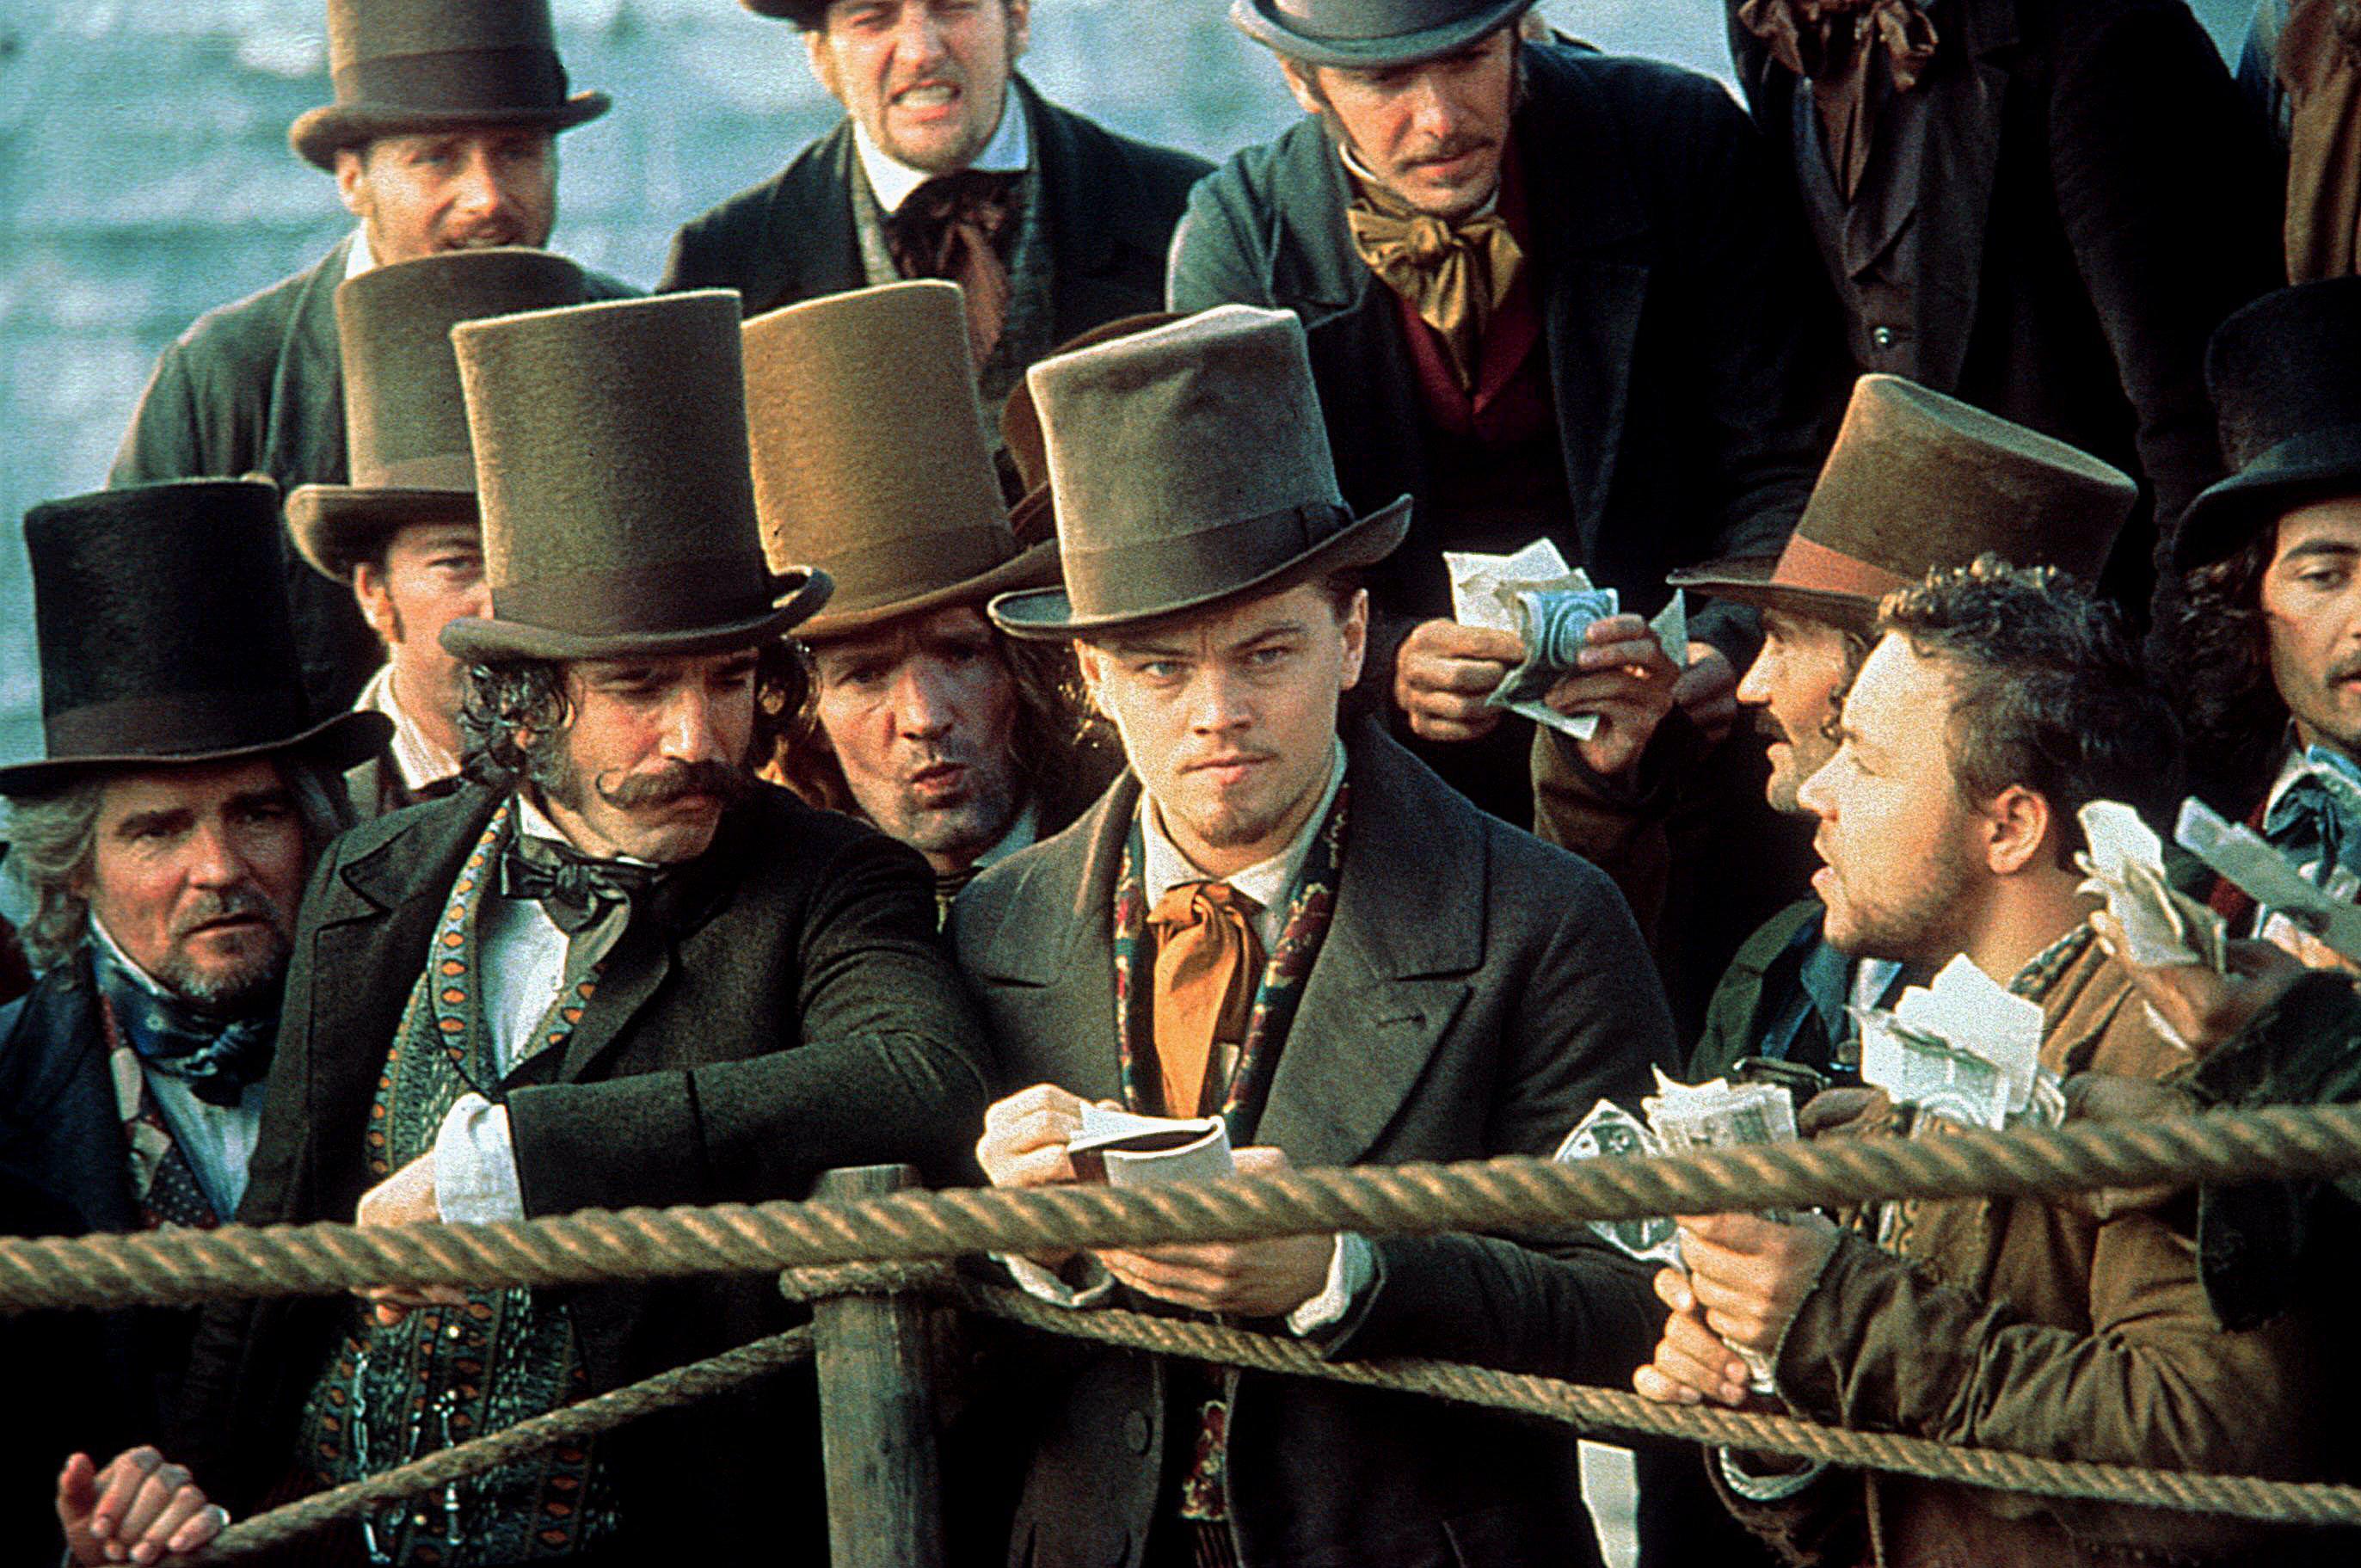 «Банды Нью-Йорка», 2002